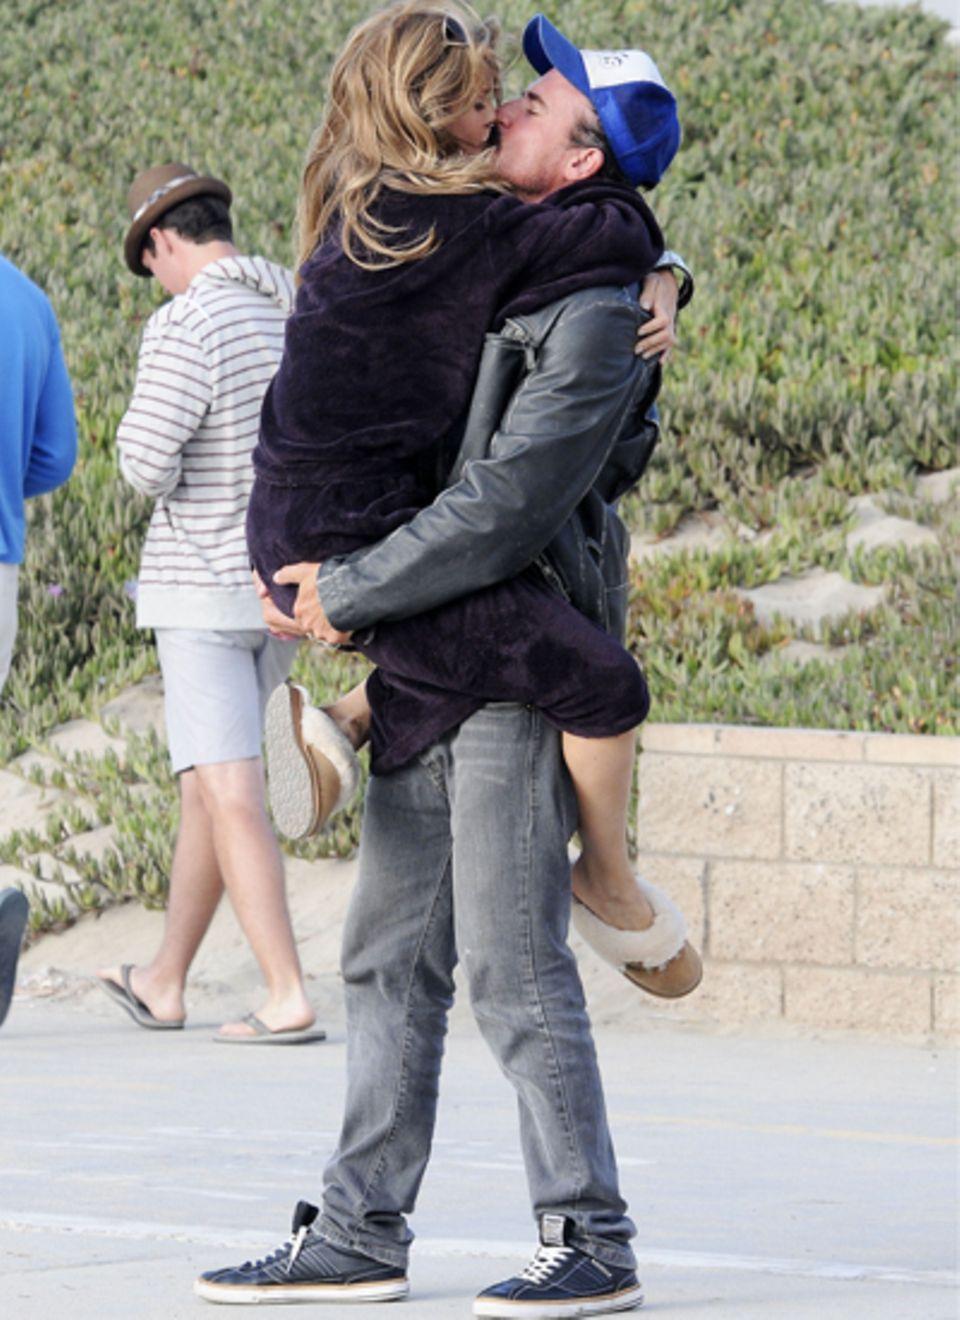 Frisch verliebt: AnnaLynne McCord fällt ihrem neuen Freund Dominic Purcell um den Hals.